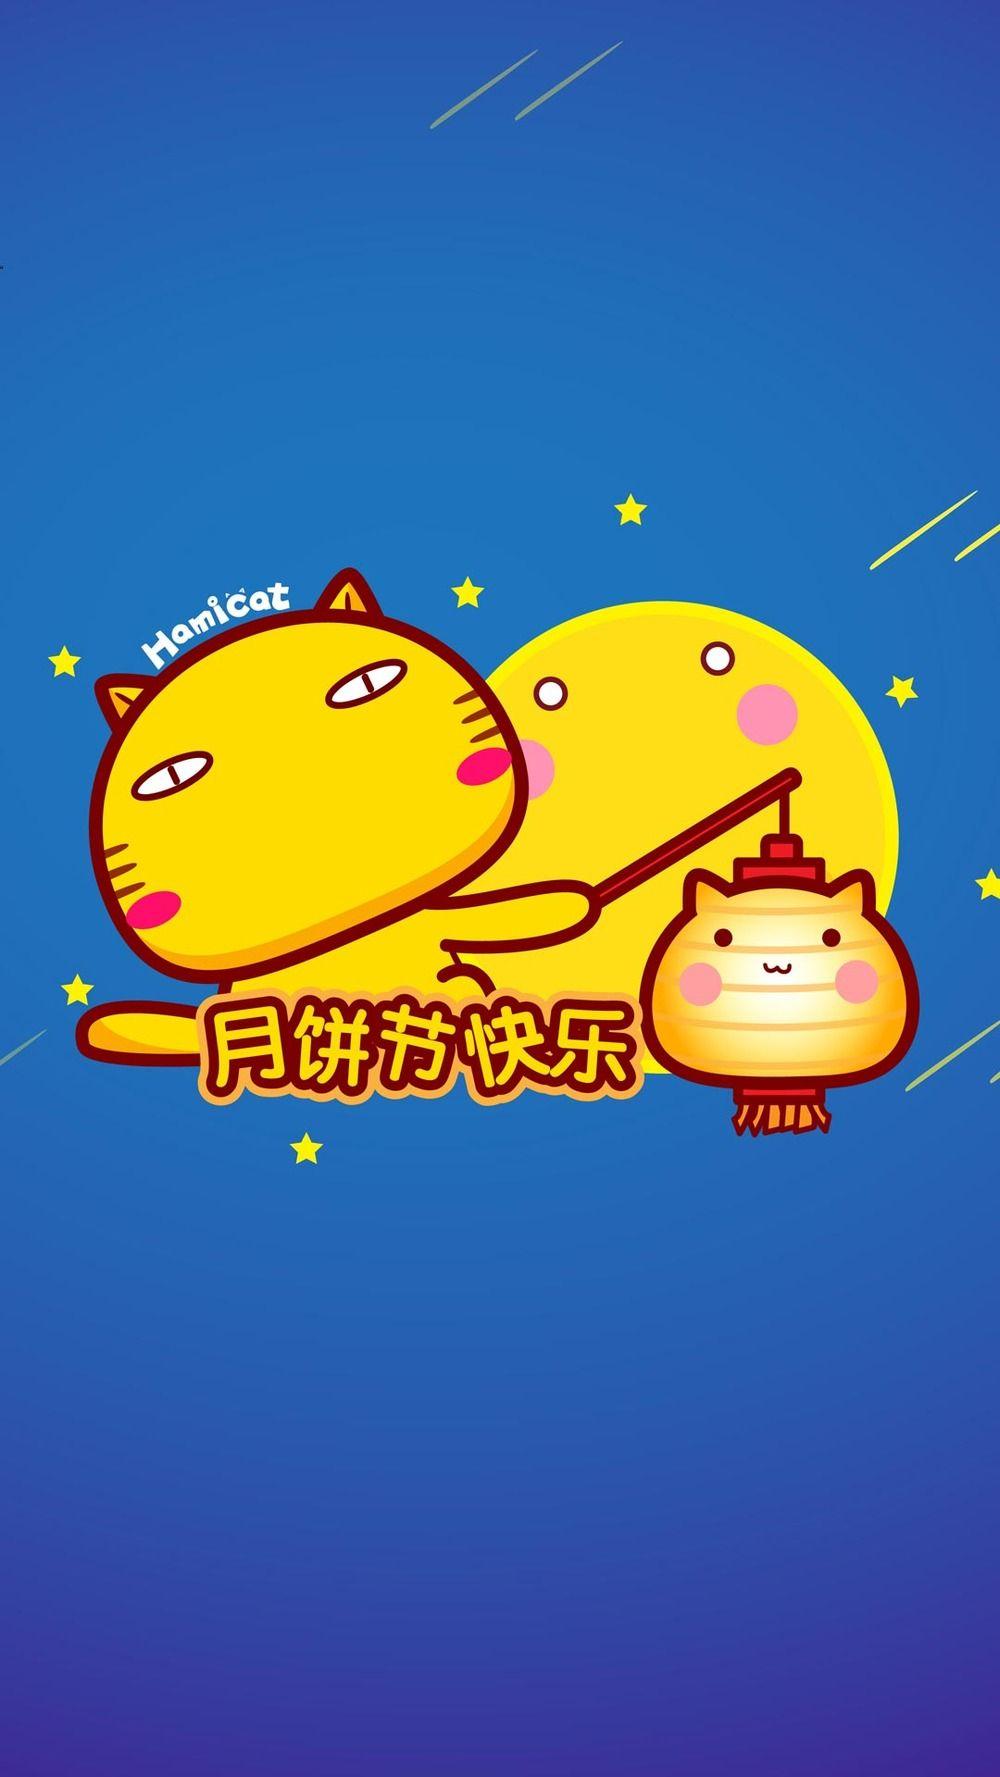 哈咪猫月饼节快乐.jpg